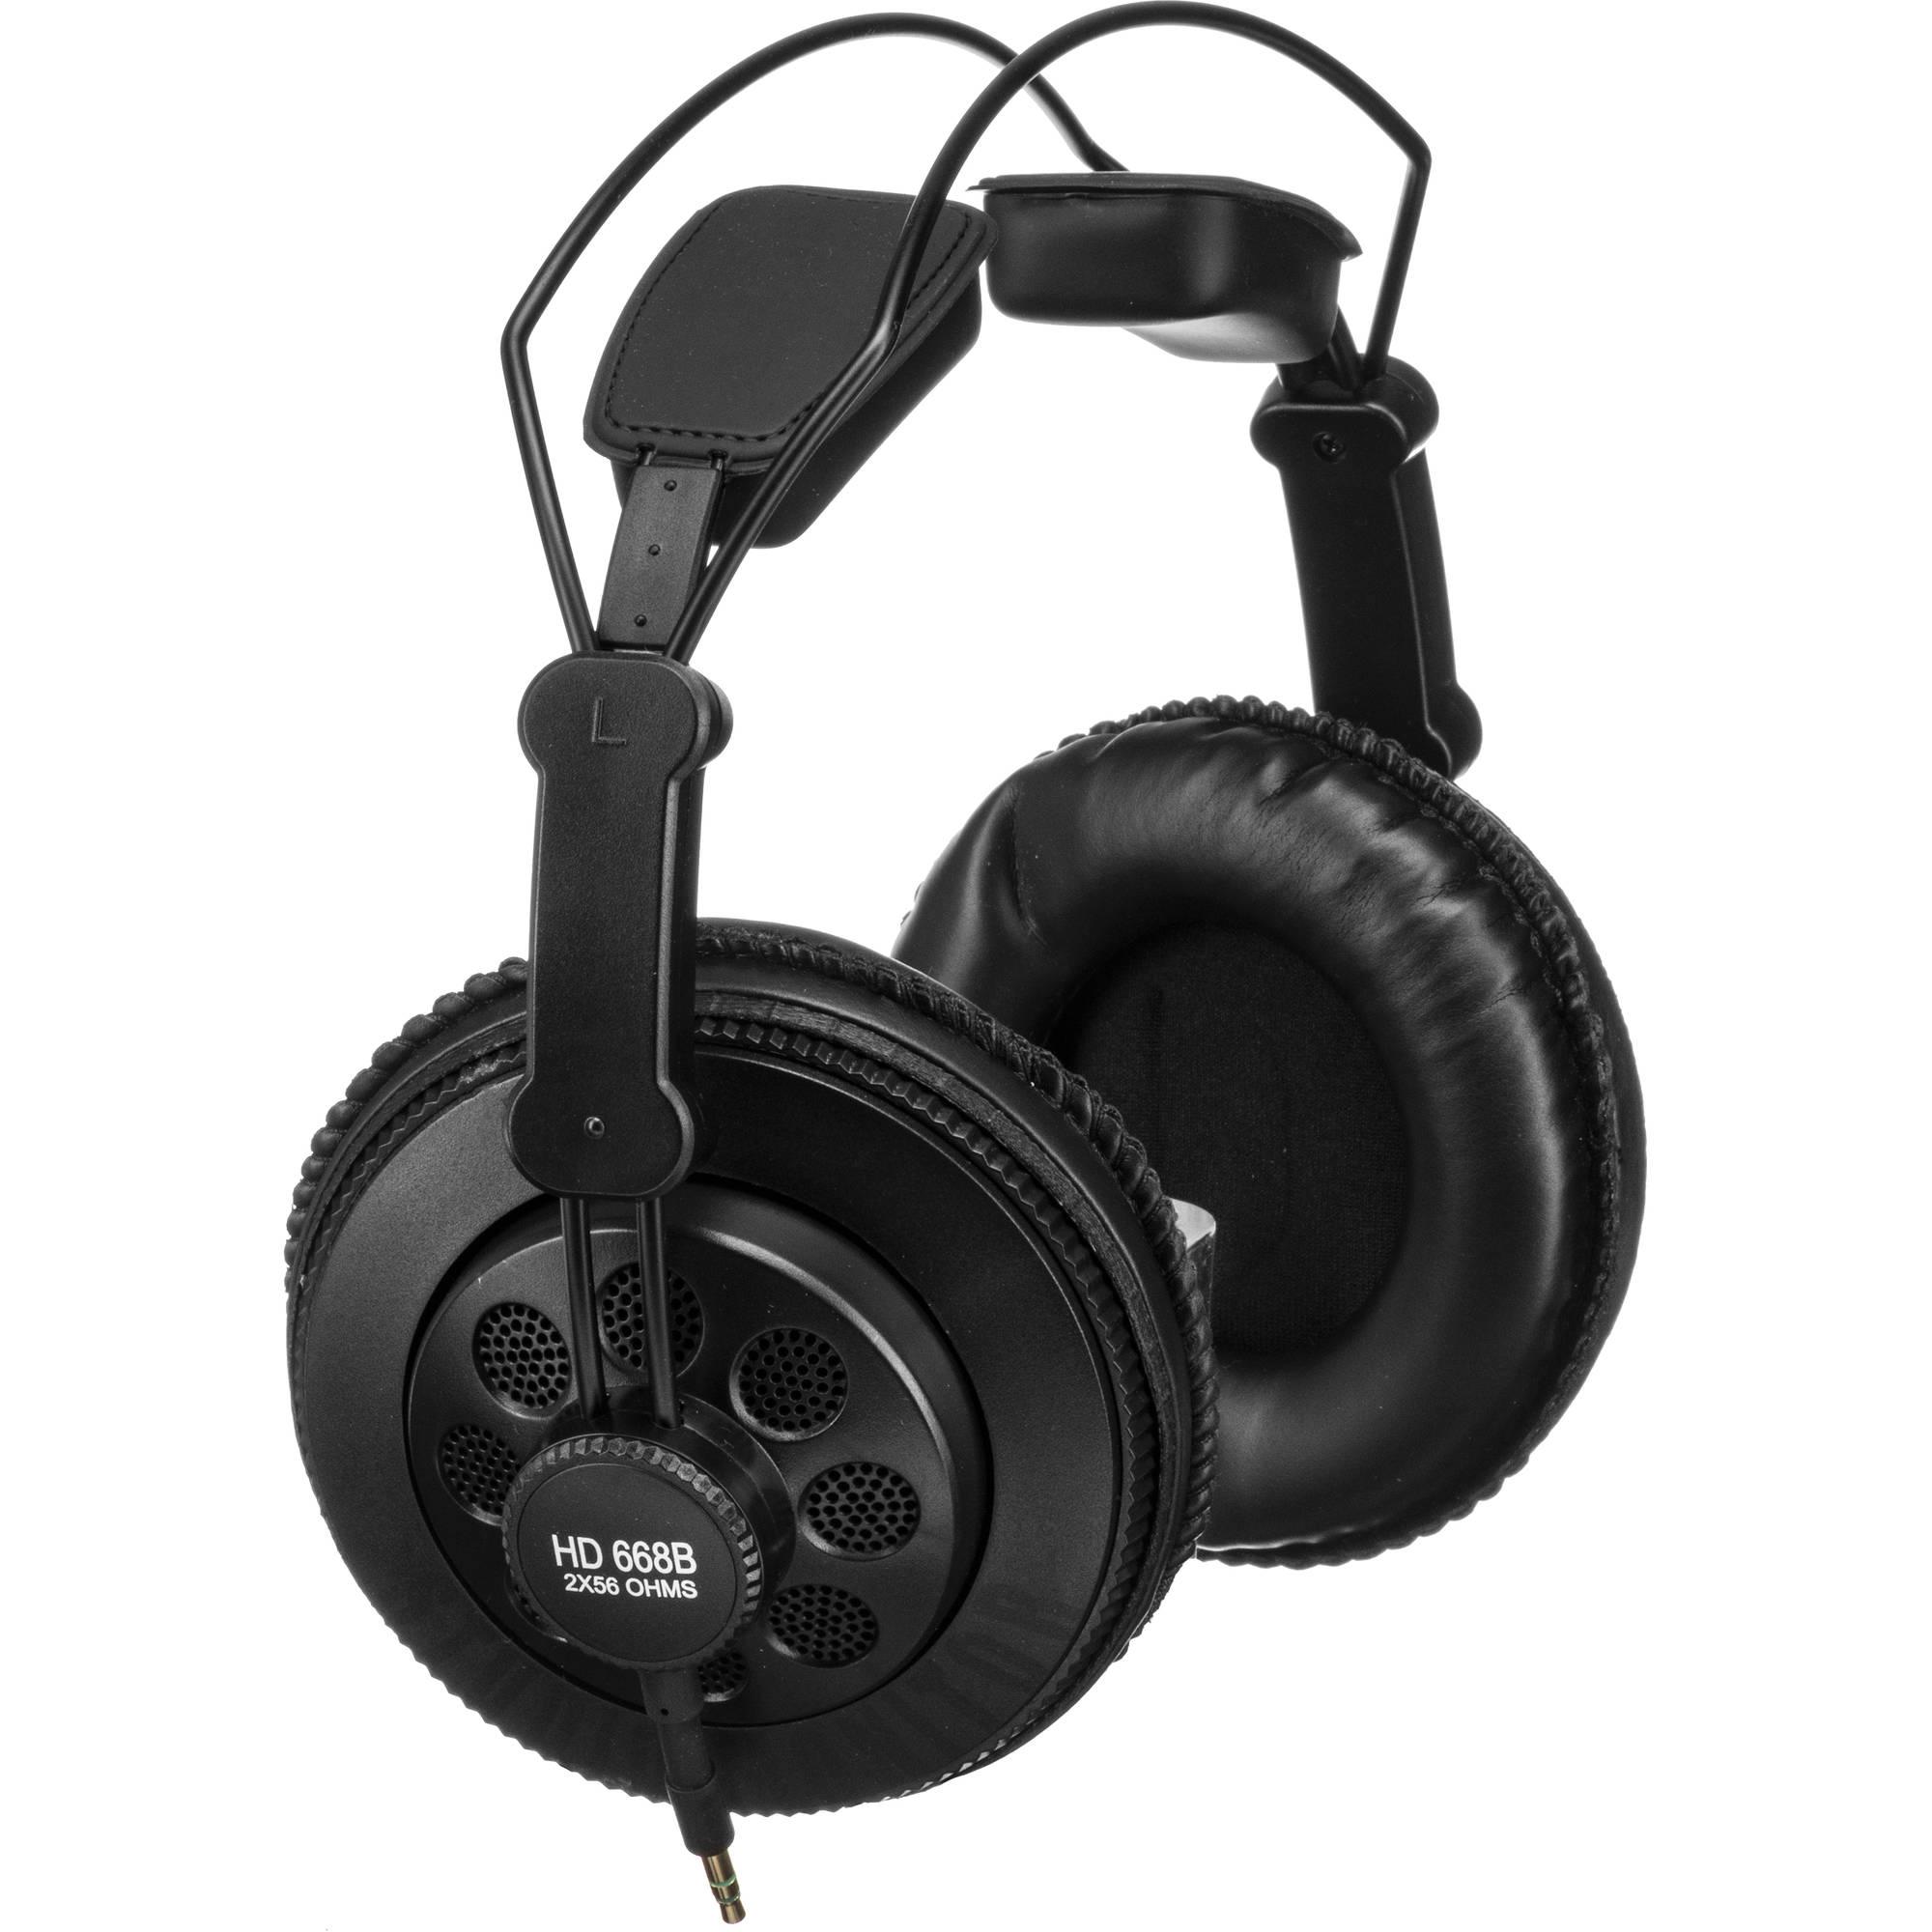 Semi Open Headphones : superlux hd 668b professional semi open studio headphones ~ Hamham.info Haus und Dekorationen